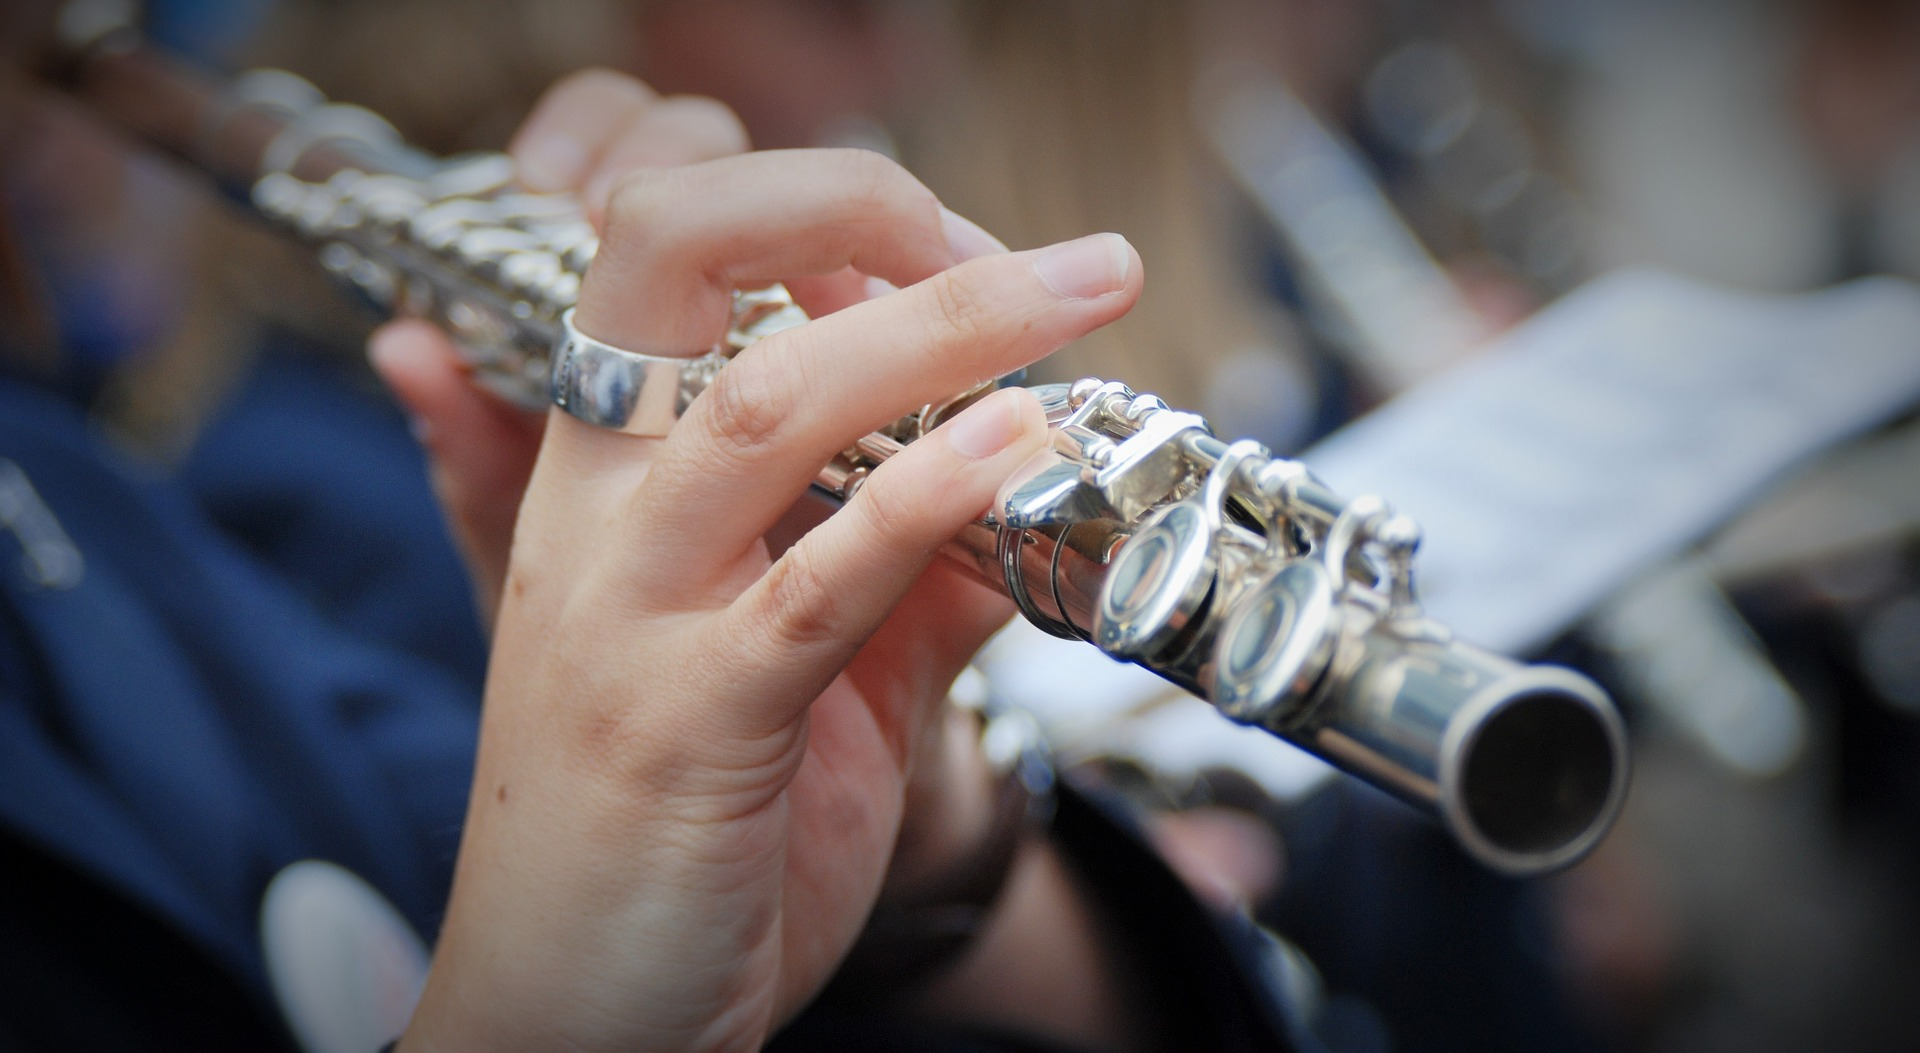 楽器 吹奏楽 人気 Rの法則!吹奏楽部の人気楽器ランキング順位発表!1位と最下位は?【9月18日再放送】 トレンドホヤホヤ